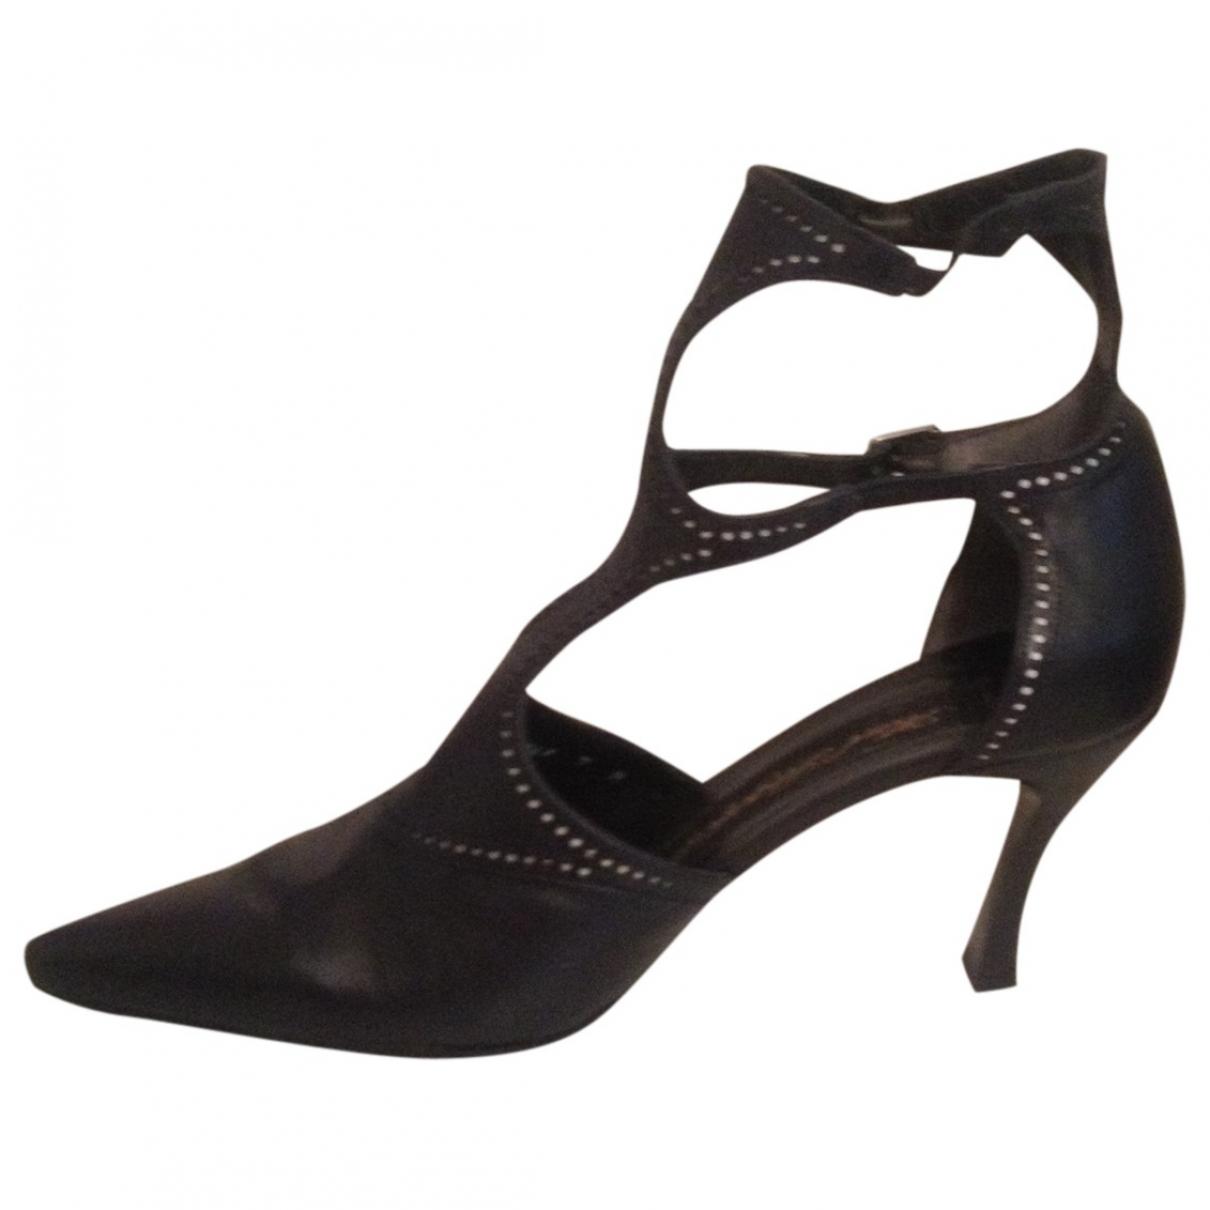 Karl Lagerfeld - Escarpins   pour femme en cuir - noir